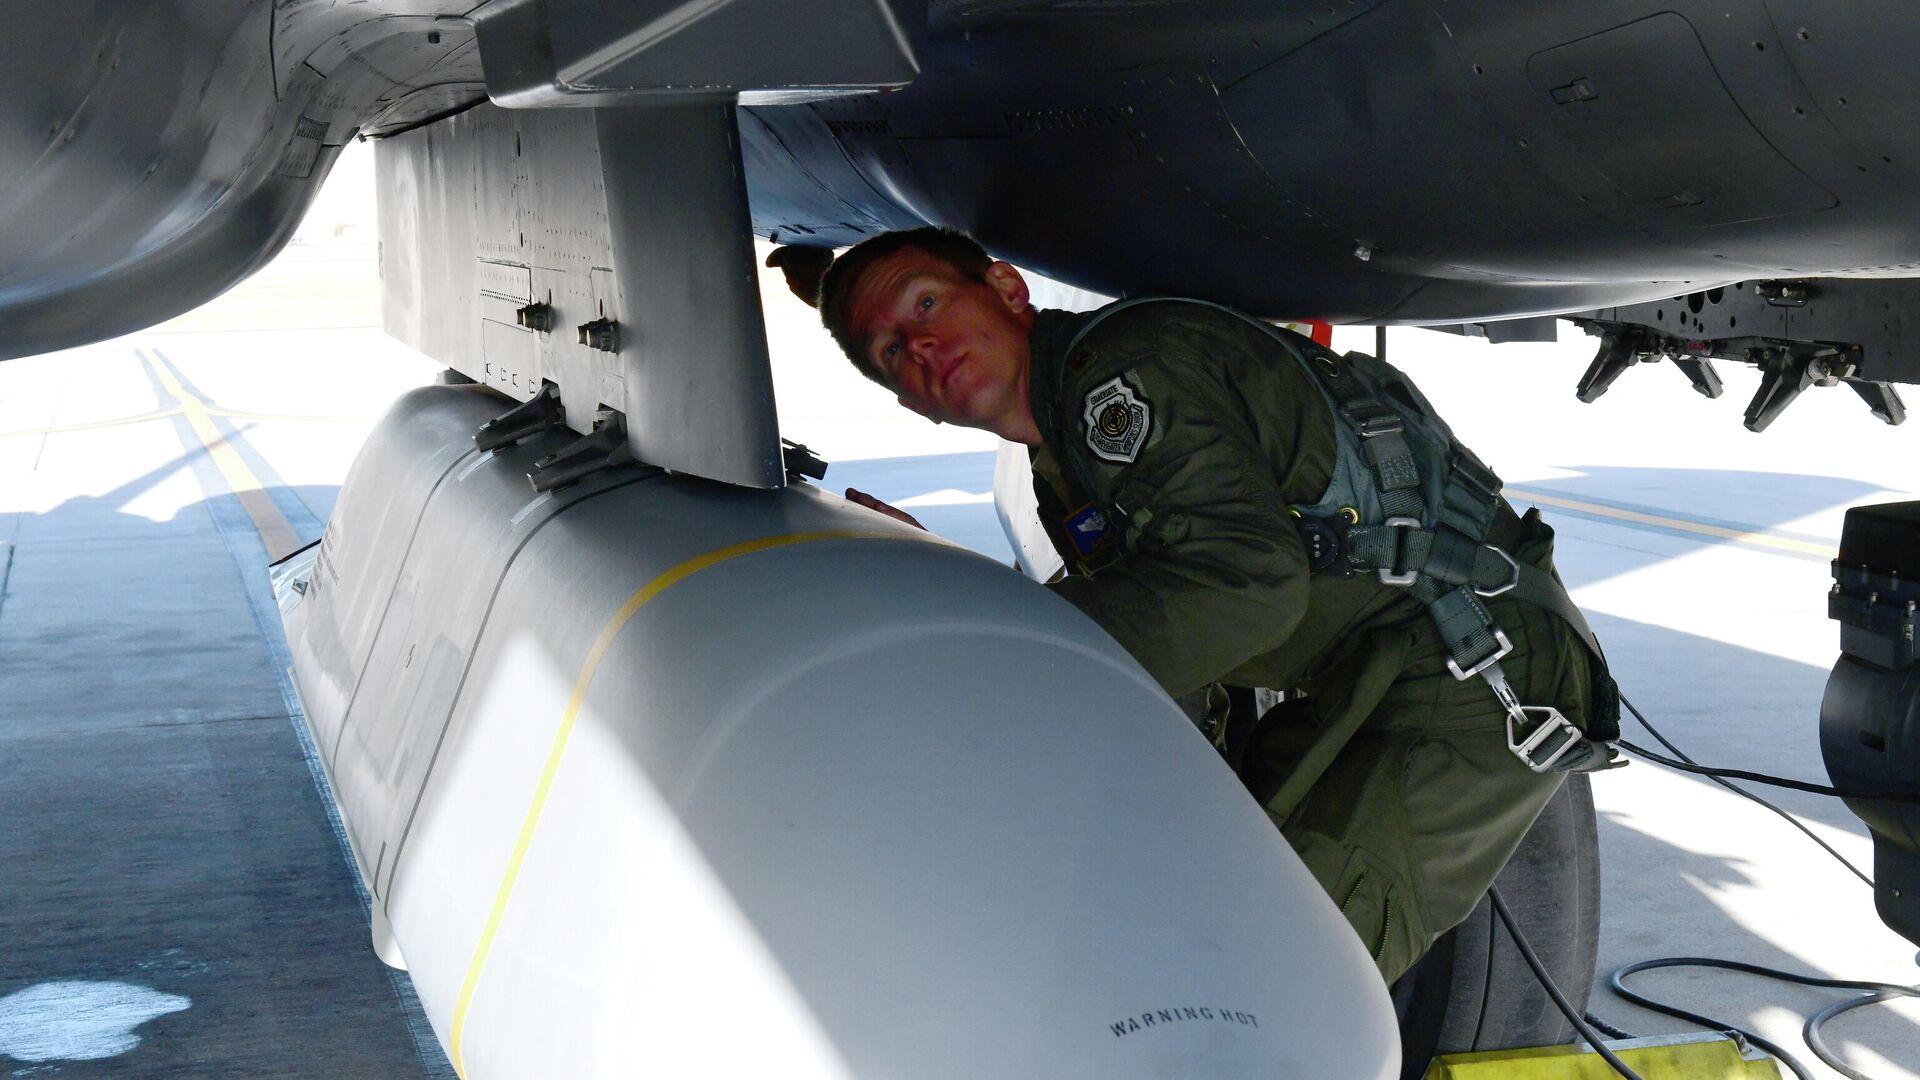 Ракета AGM-158B JASSM-ER, установленная на истребителе F-15E ВВС США - РИА Новости, 1920, 23.03.2021